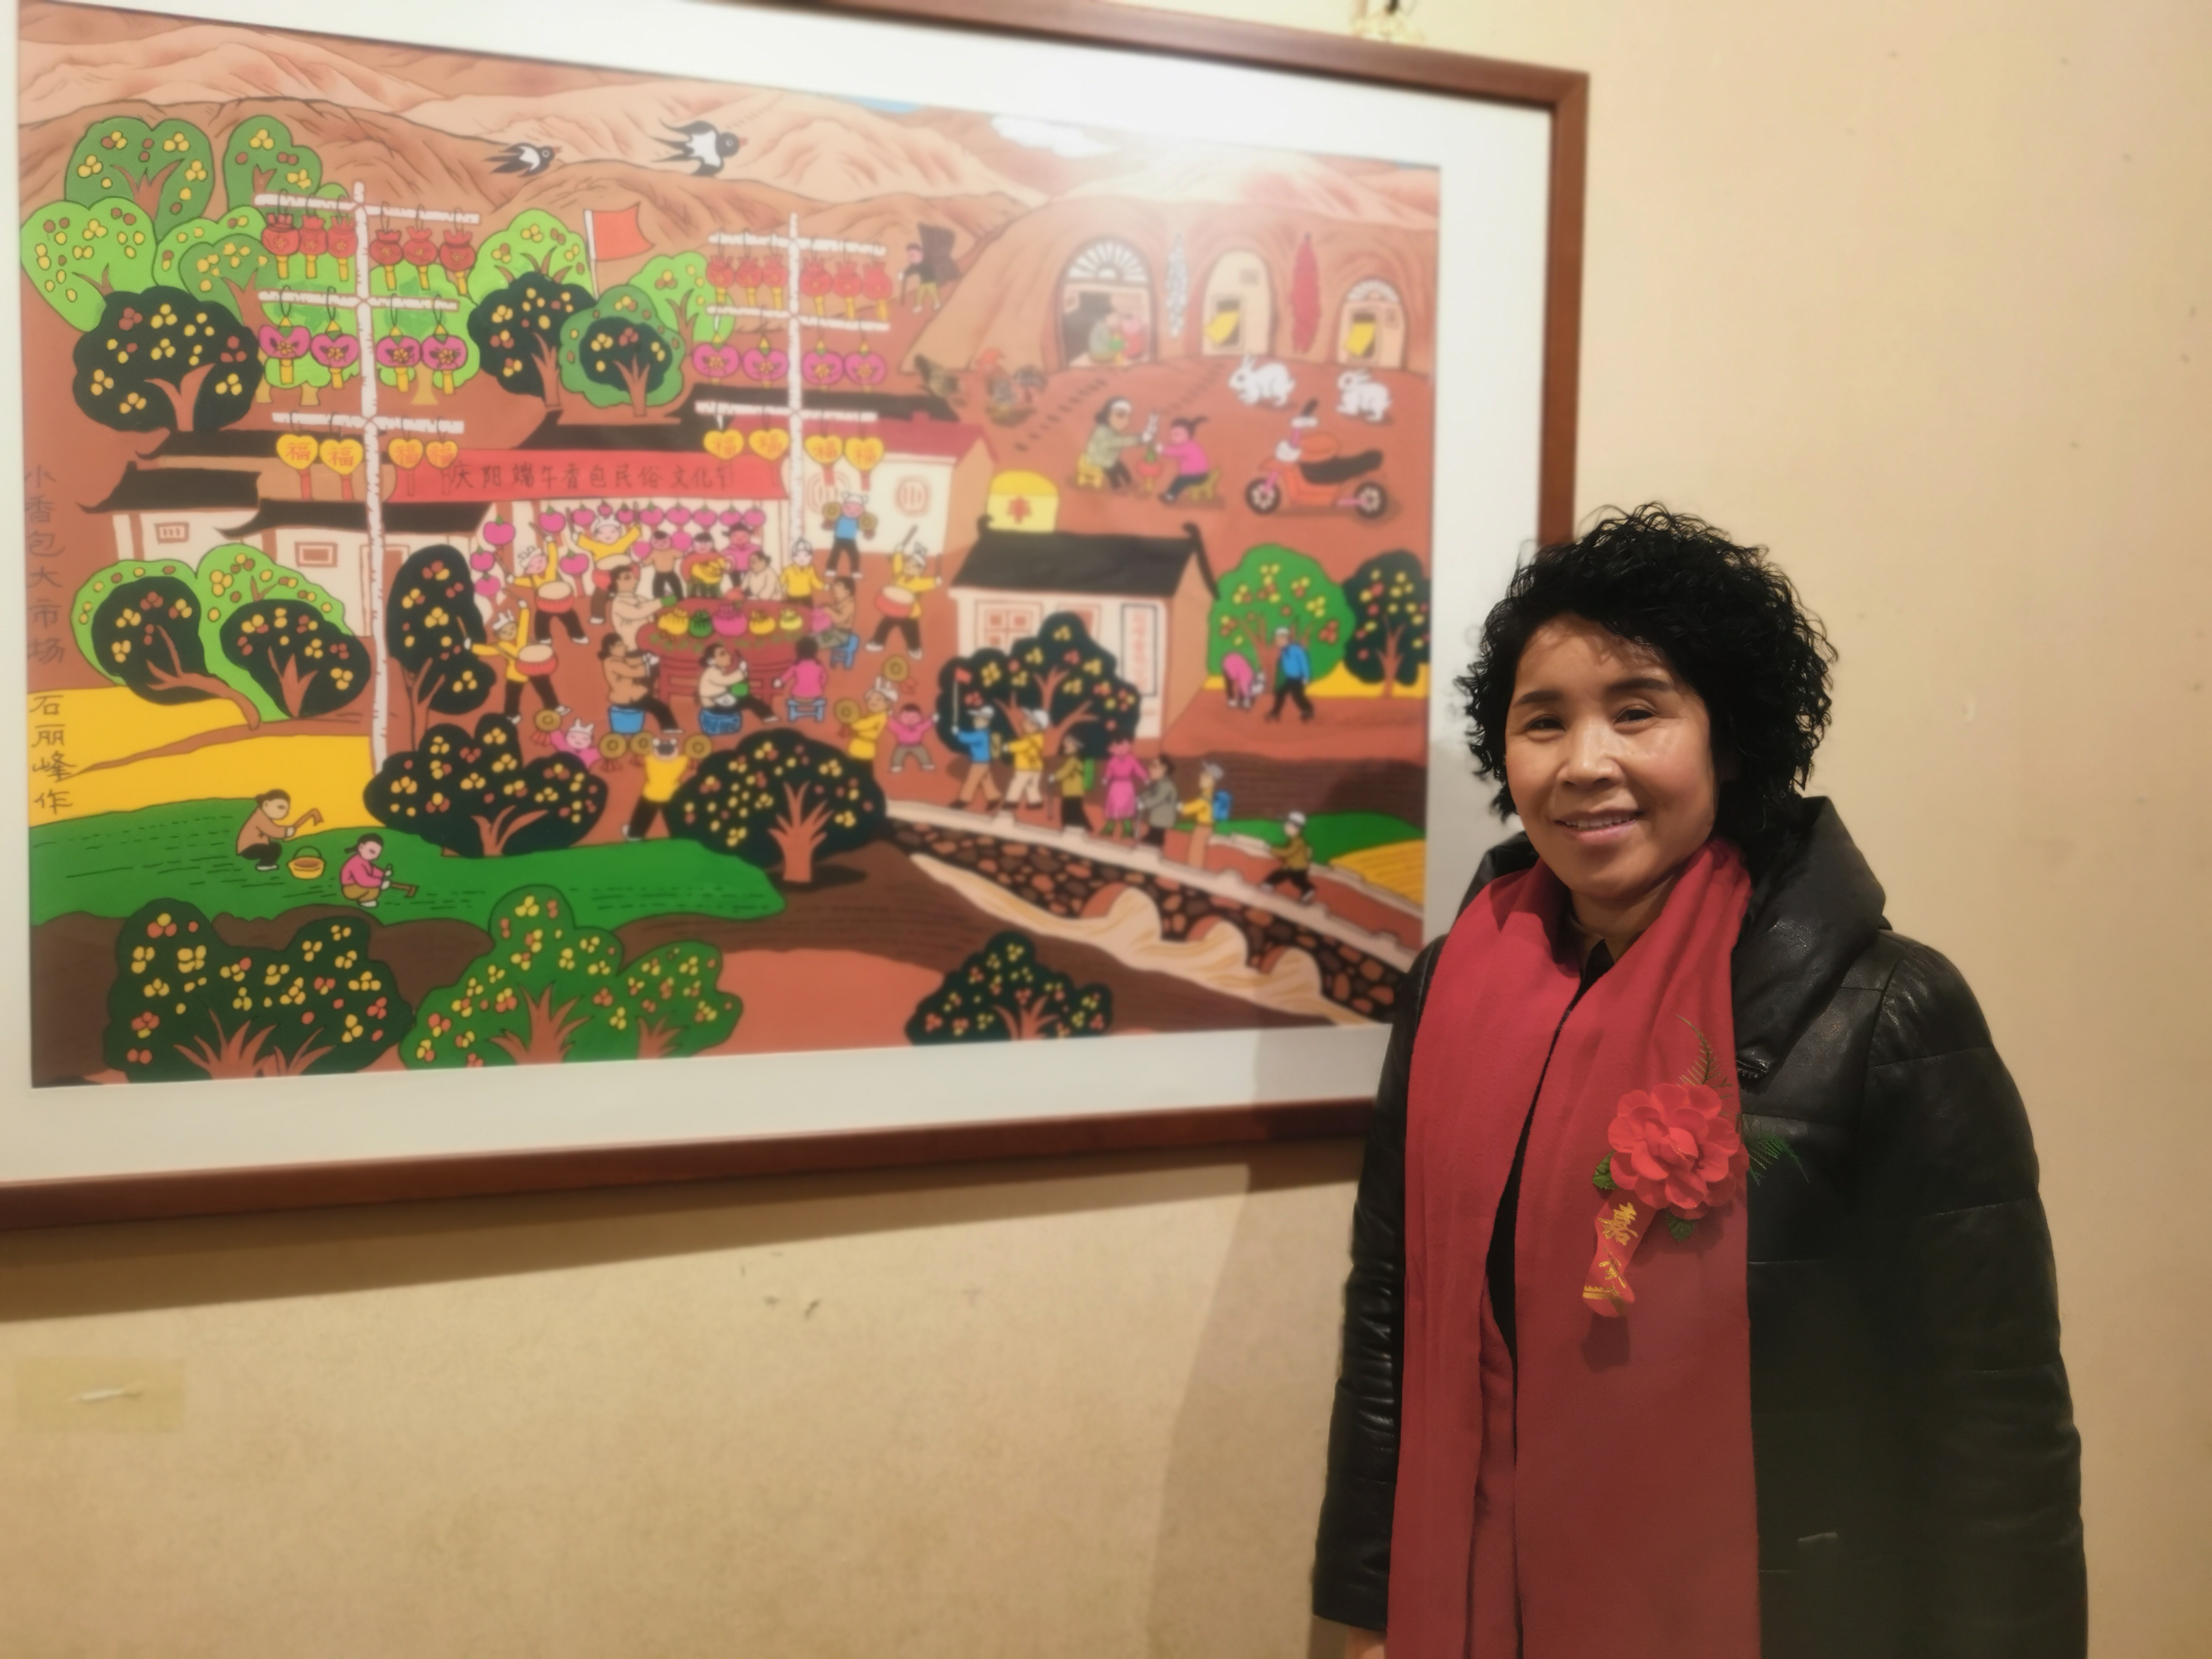 石麗峰的作品也參加了此次畫展,作為甘肅慶陽人的她既是一名農民畫家也是一名香包刺繡藝人。畫展上,石麗峰介紹,她的作品名為《脫貧致富的好產業》,最近才完成。反映的是一個農村婦女傳承香包製作工藝,全國各地的遊客前來觀摩,展現了黃土高原獨特的民俗文化和原生態的黃土風情。圖為石麗峰和她的作品《脫貧致富的好產業》。